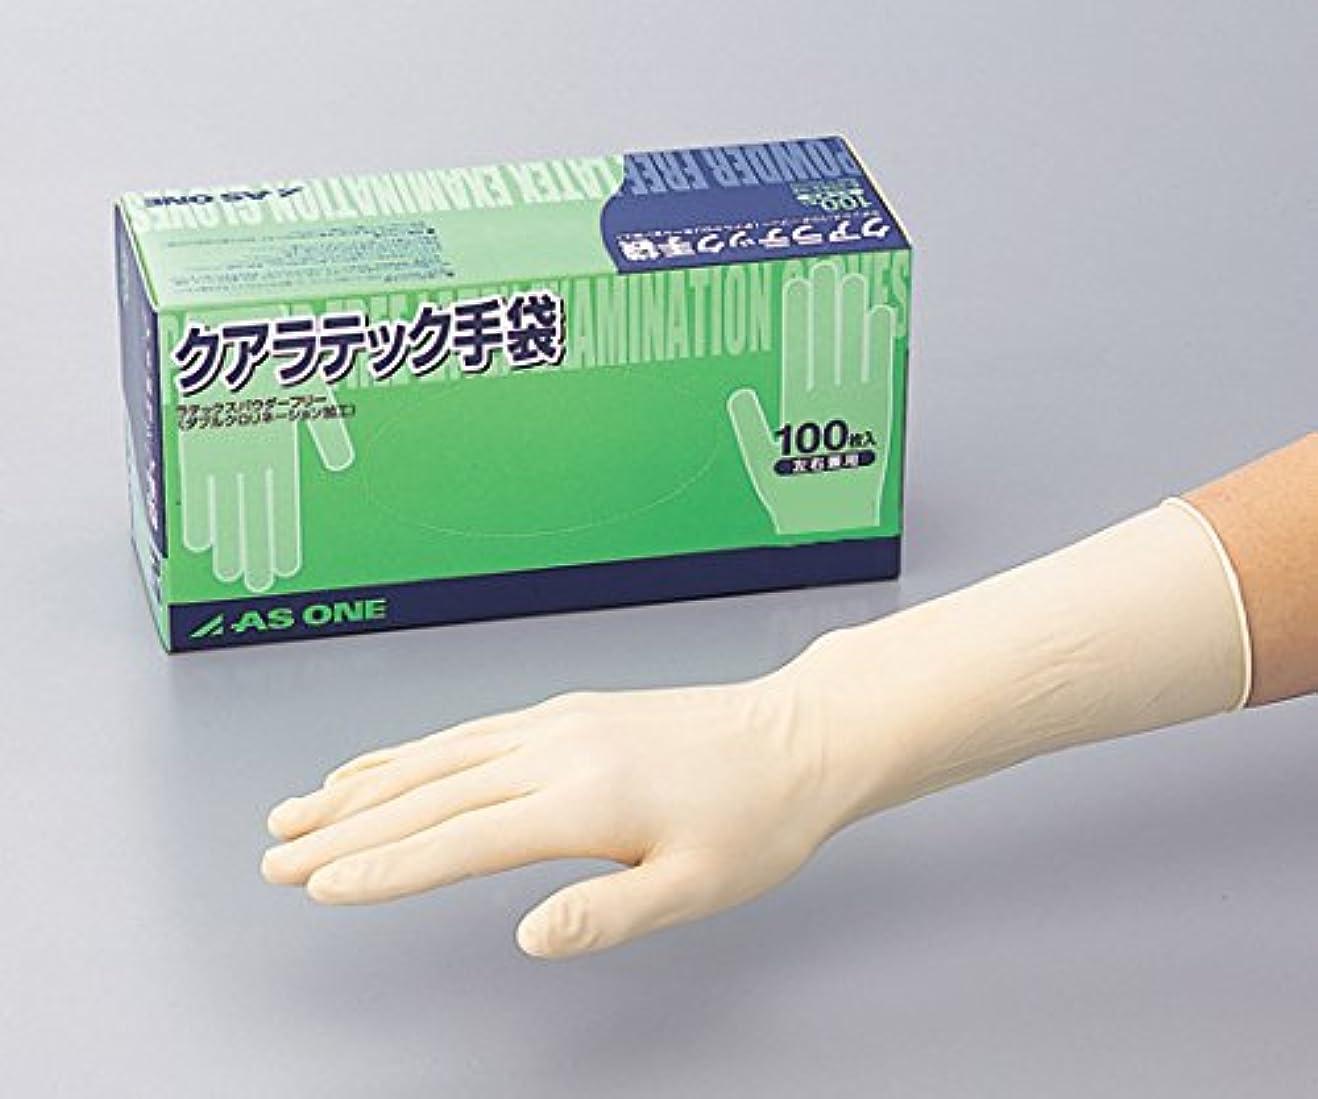 元気別々に納税者アズワン8-4053-13クアラテック手袋(DXパウダーフリー)S10箱(1000枚入)